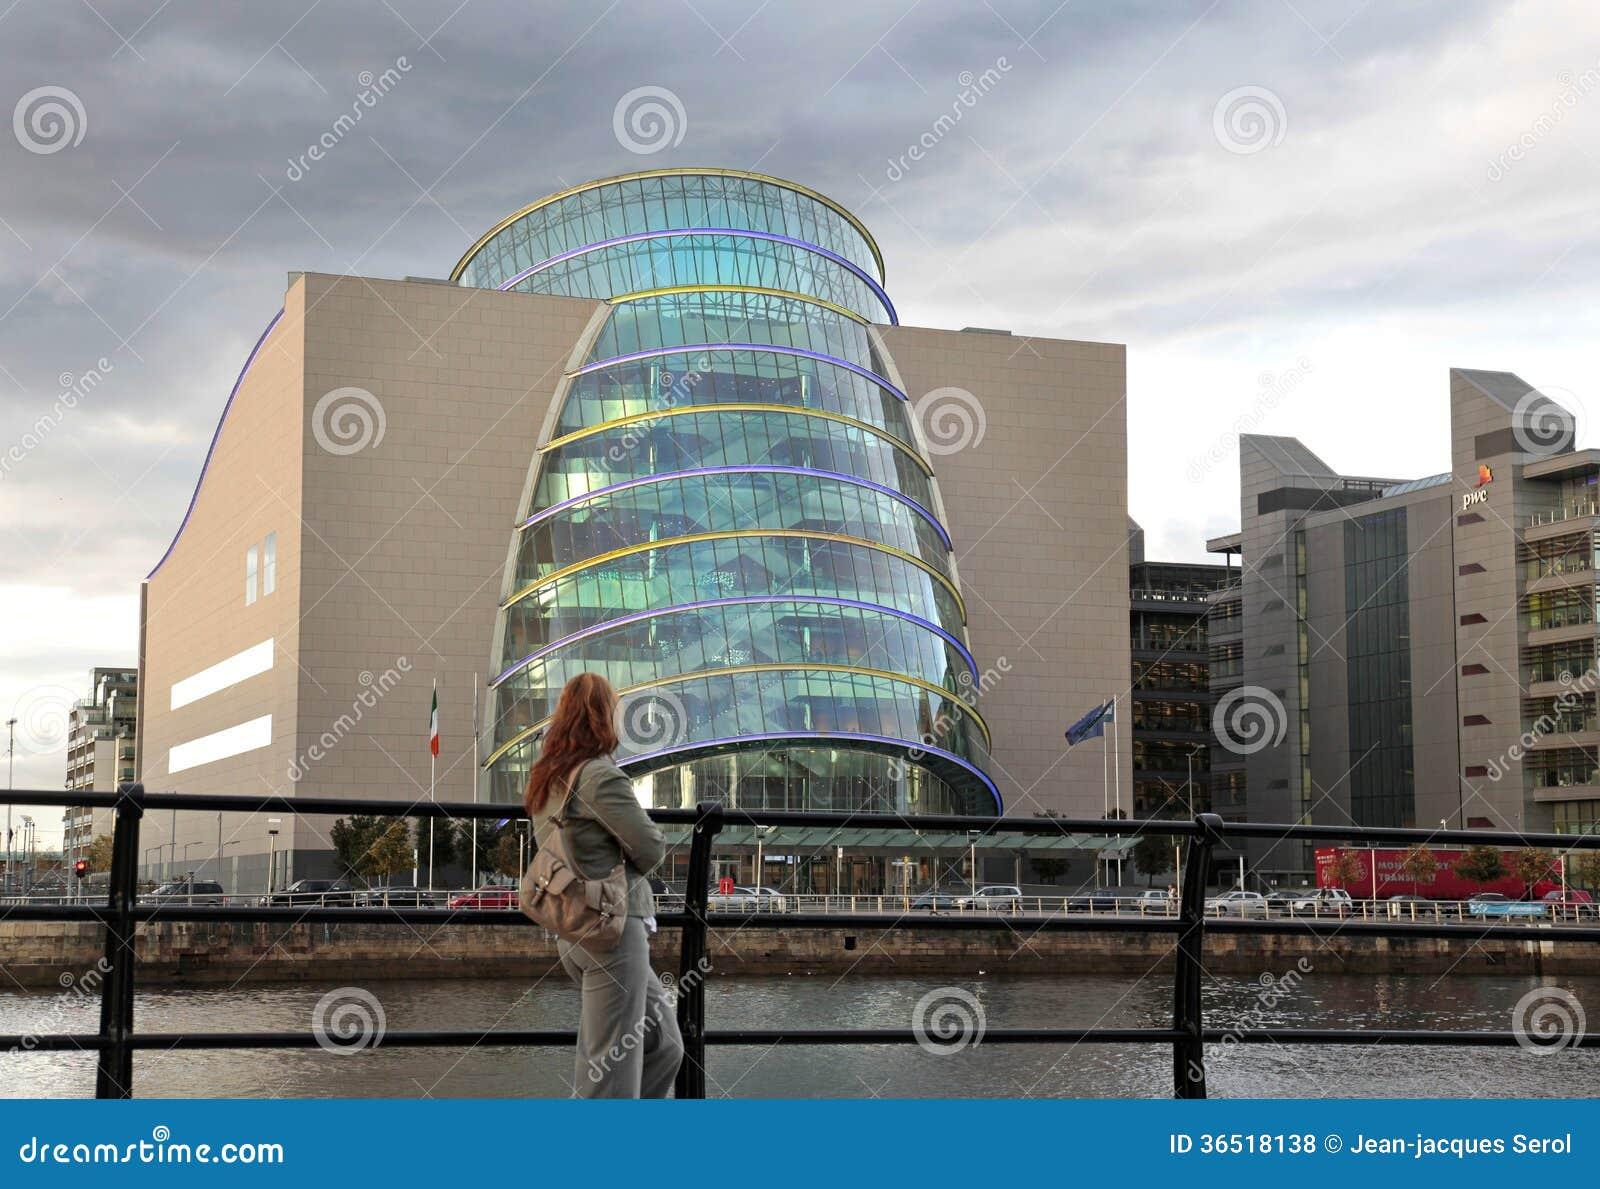 Centre de convention, région de quartiers des docks, Dublin, Irlande.